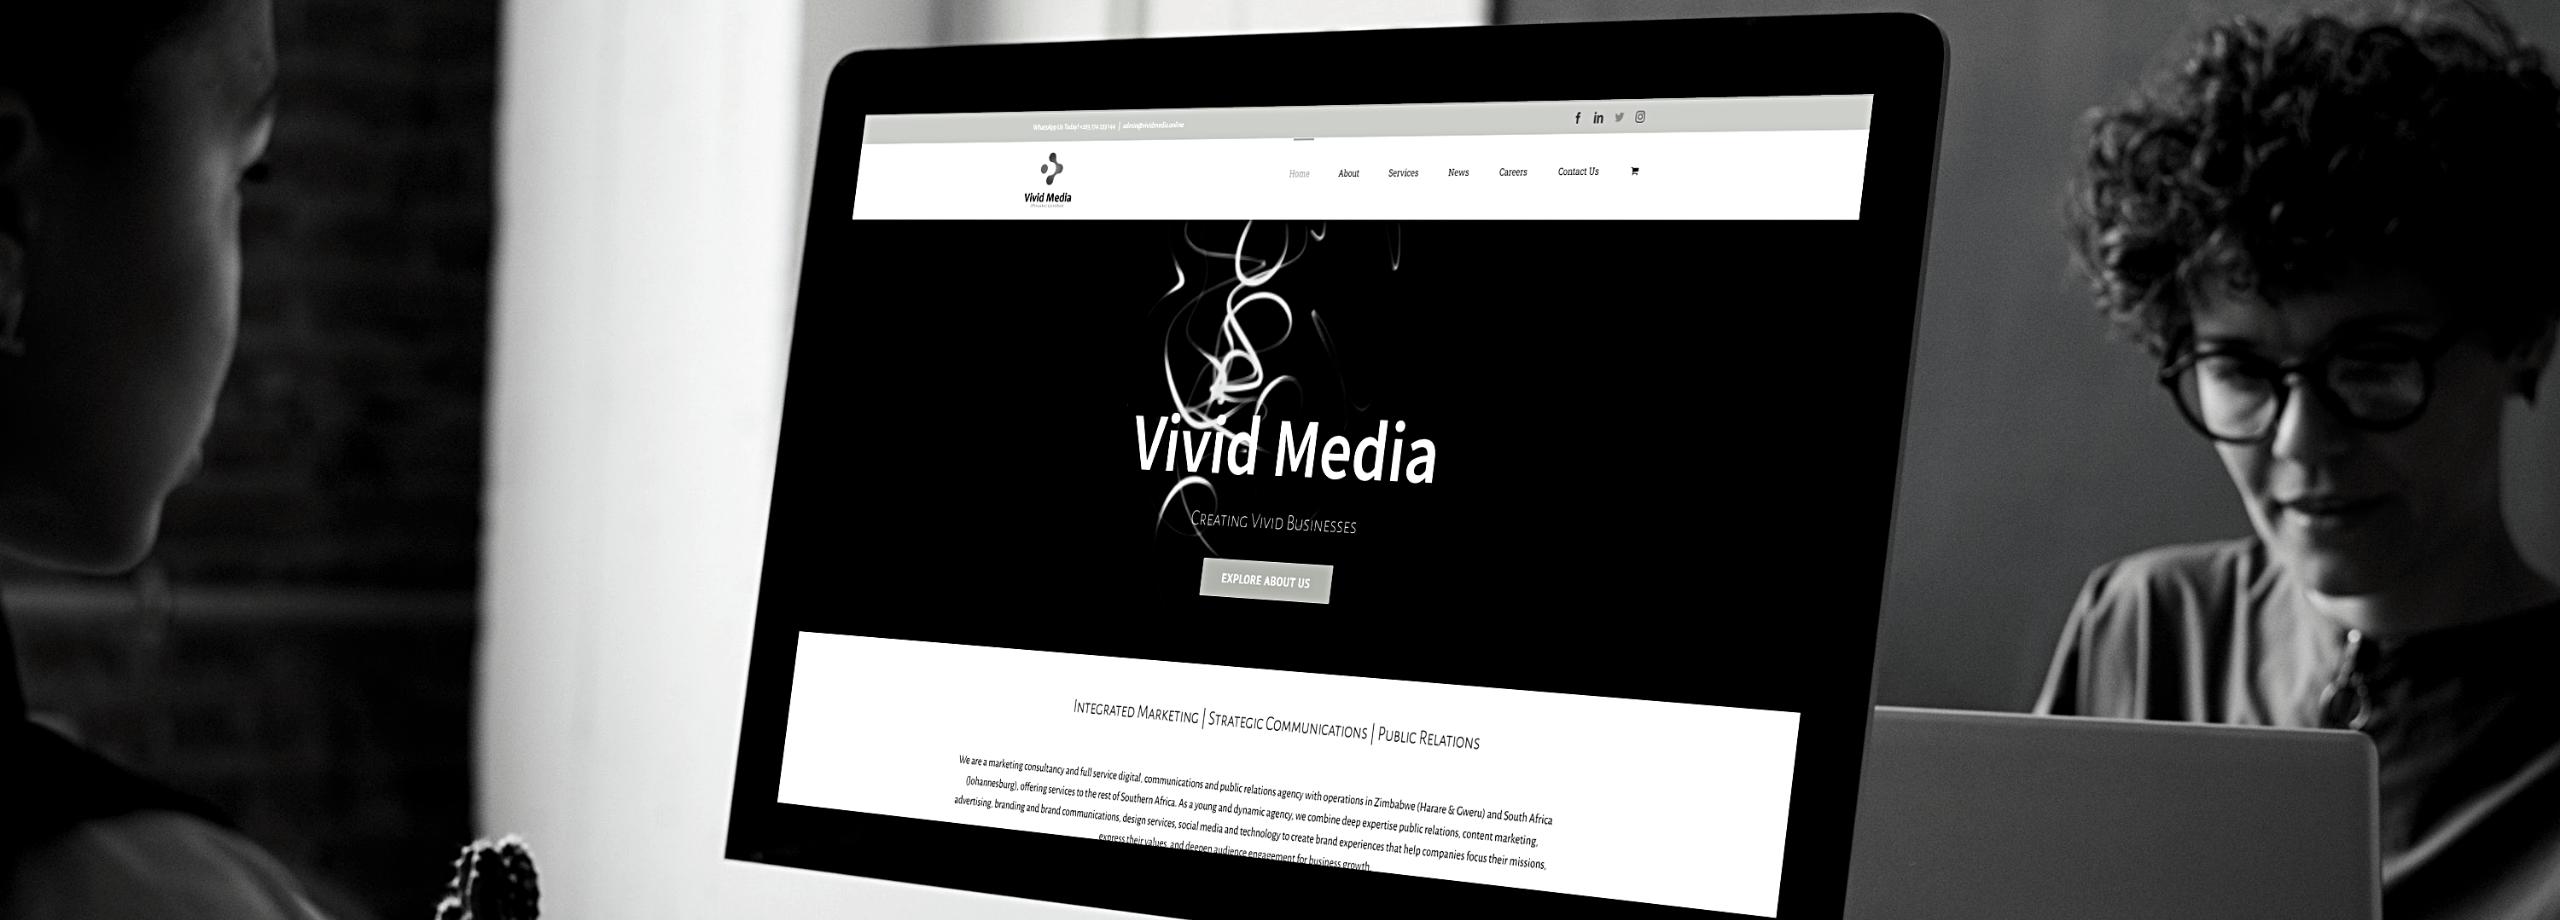 Vivid Media Zimbabwe Website Desktop